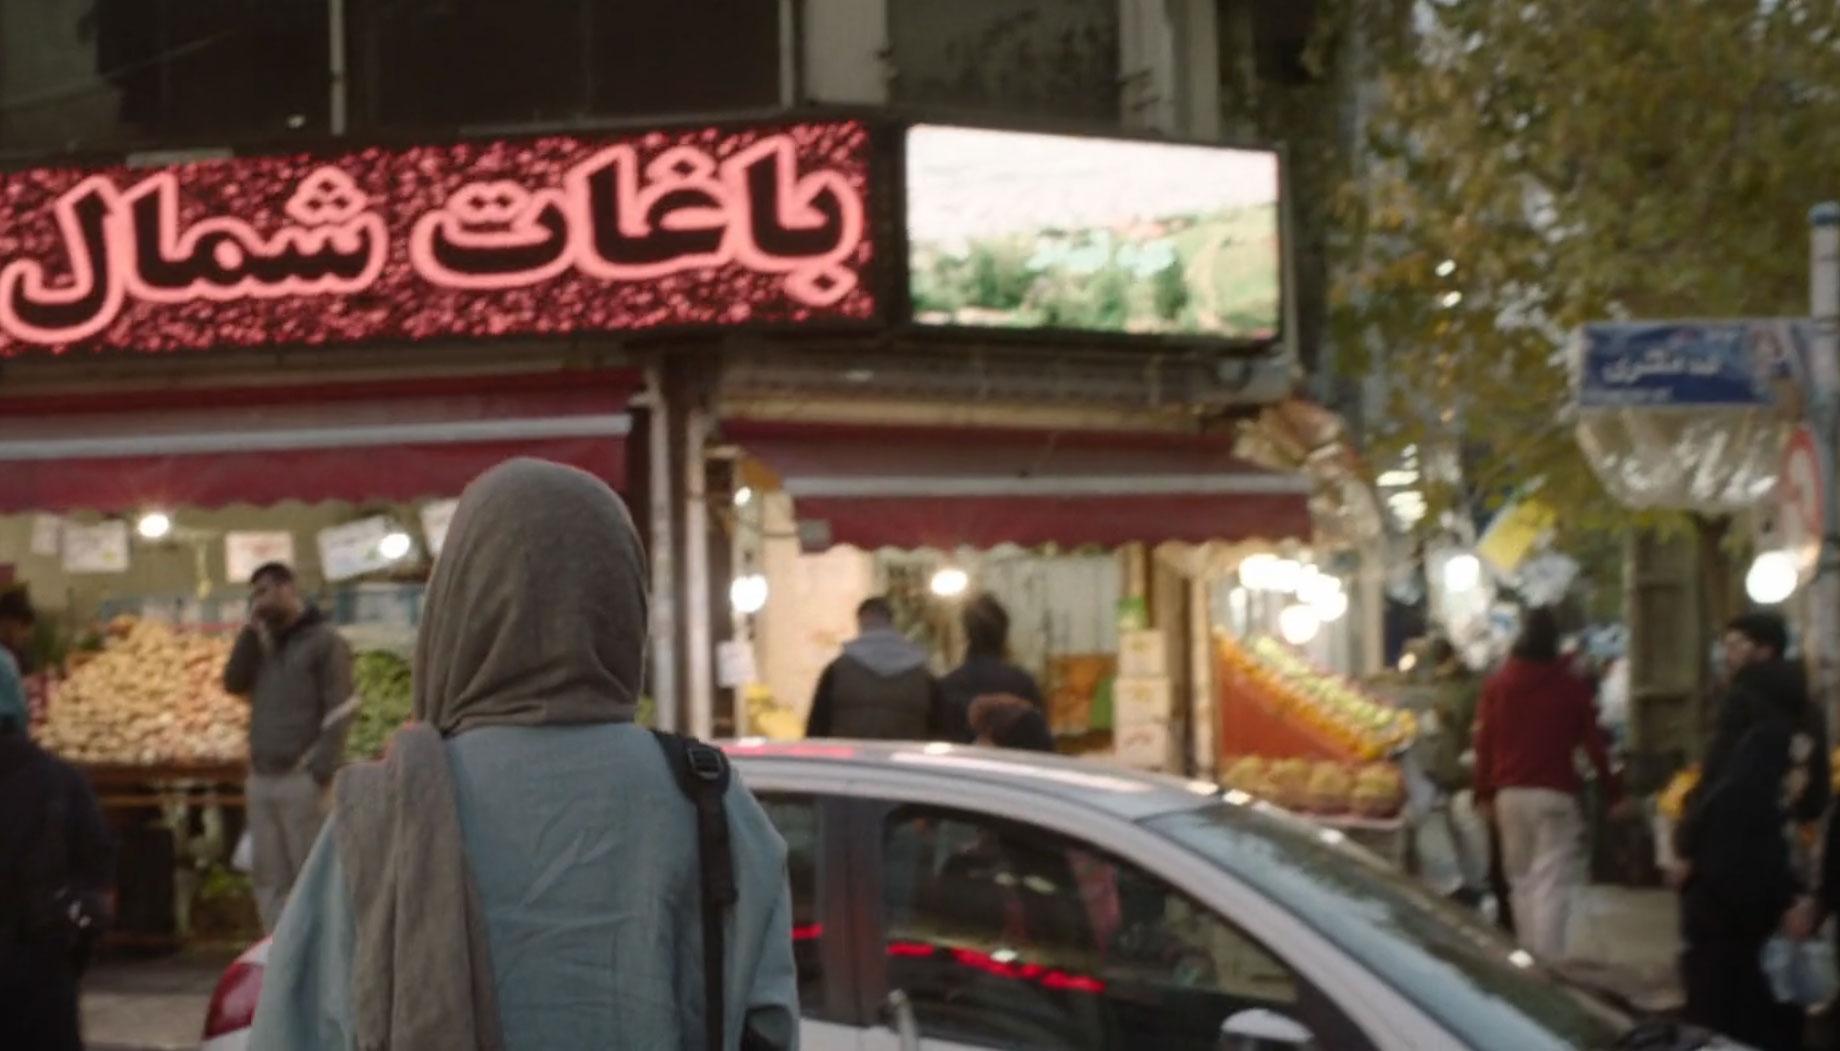 چگونه فیلم ضد ایرانی «عملیات موساد» در تهران فیلمبرداری شد؟ +تصاویر